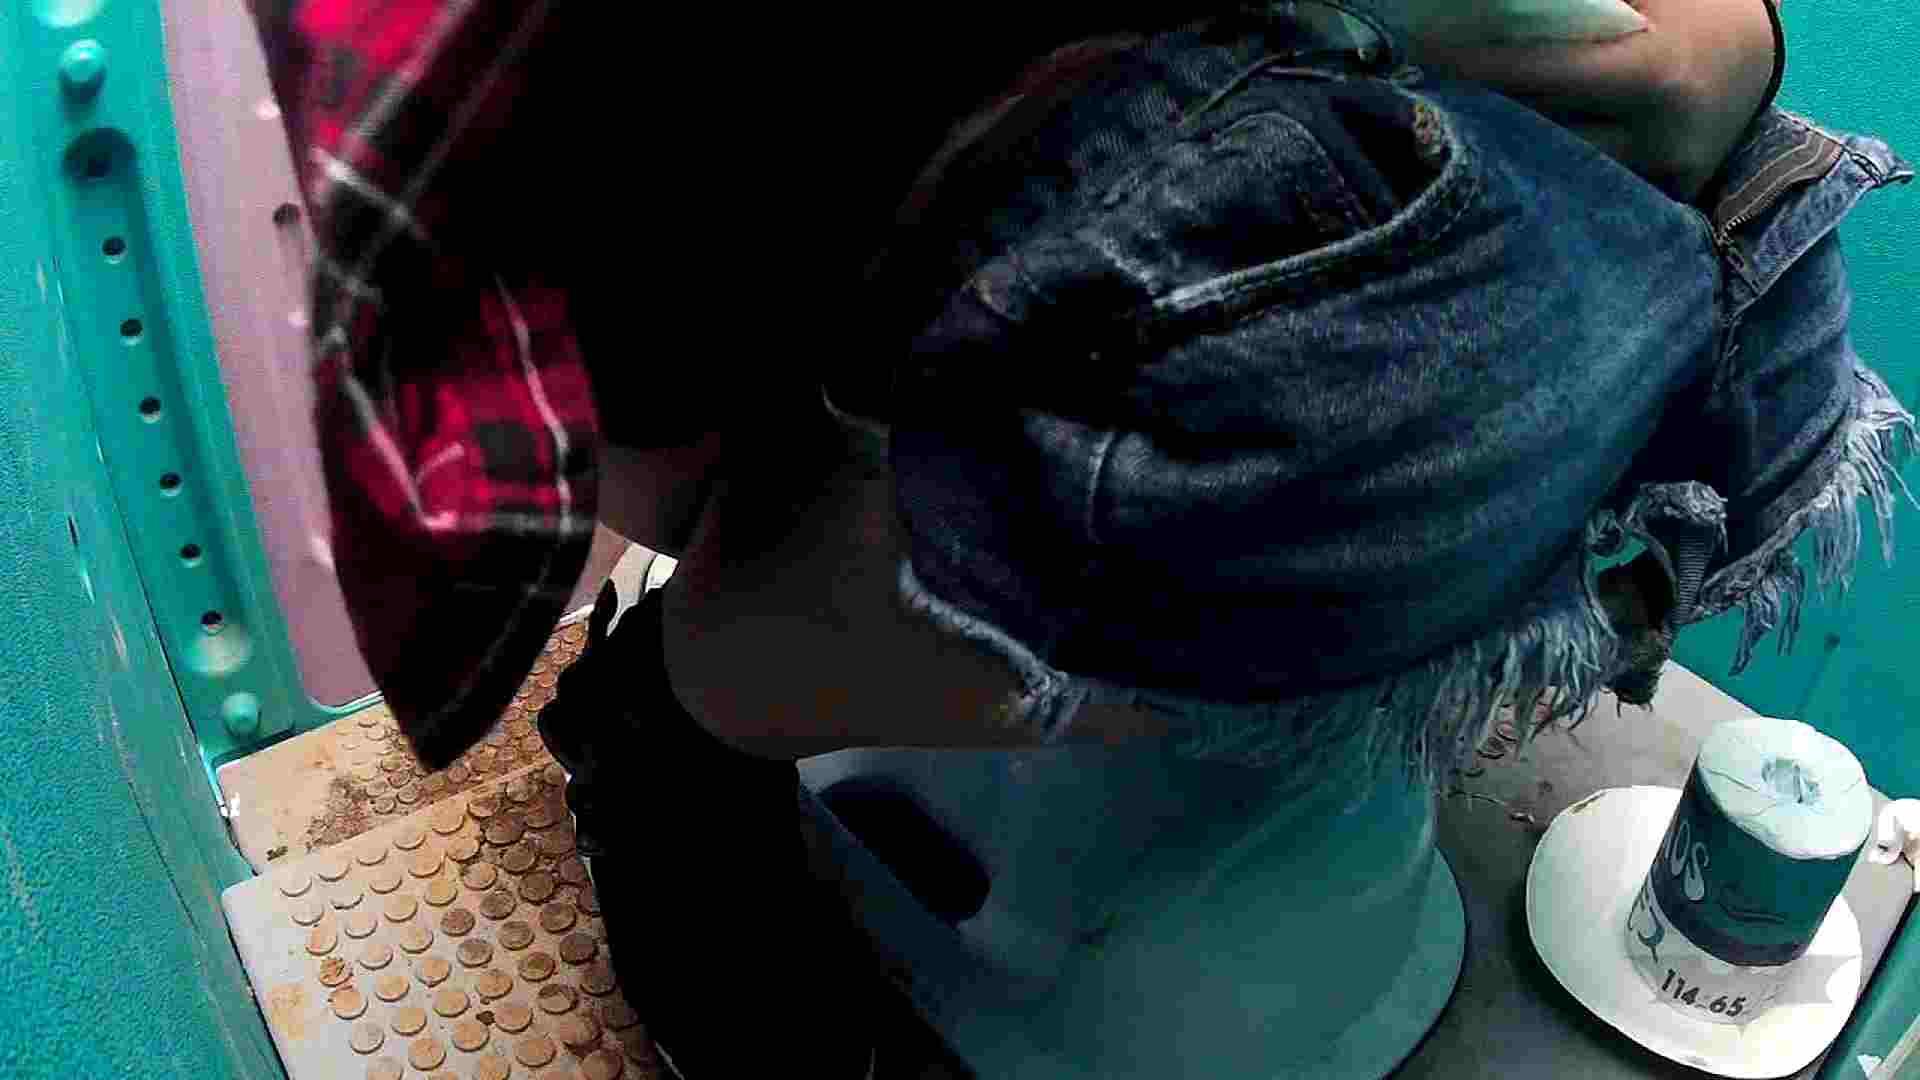 痴態洗面所 Vol.06 中が「マジヤバいヨネ!」洗面所 洗面所  83Pix 27